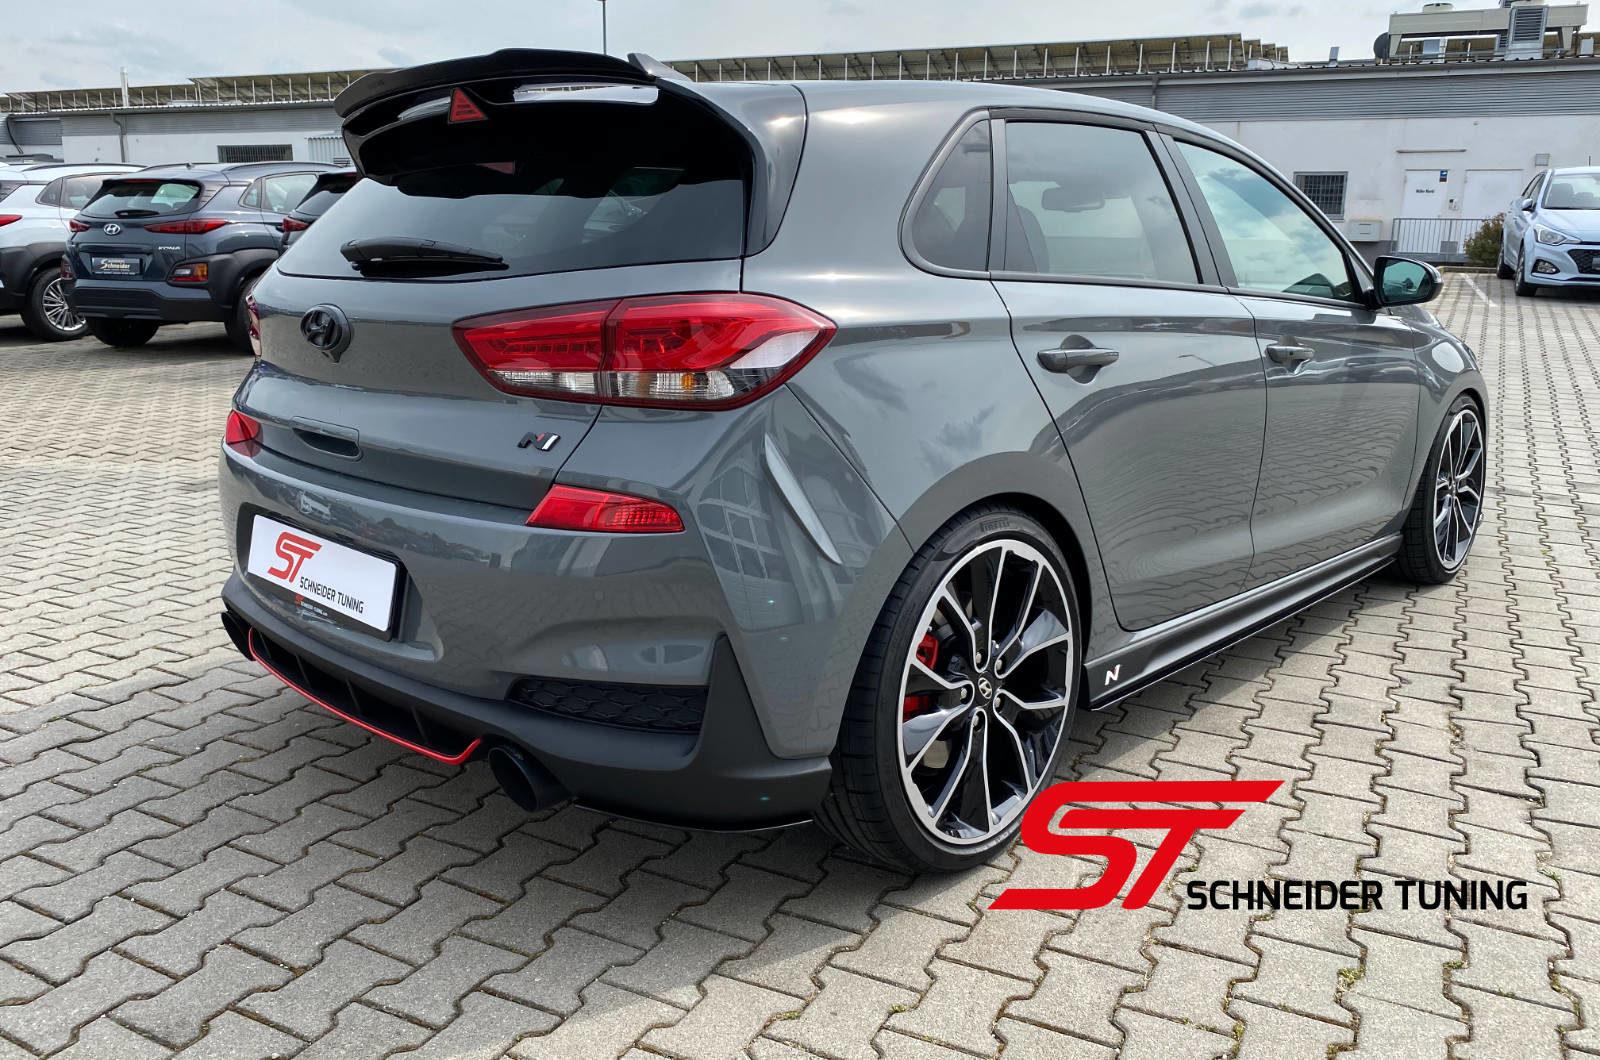 Hyundai-i30-N-seite-hinten-Schneider-Tuning